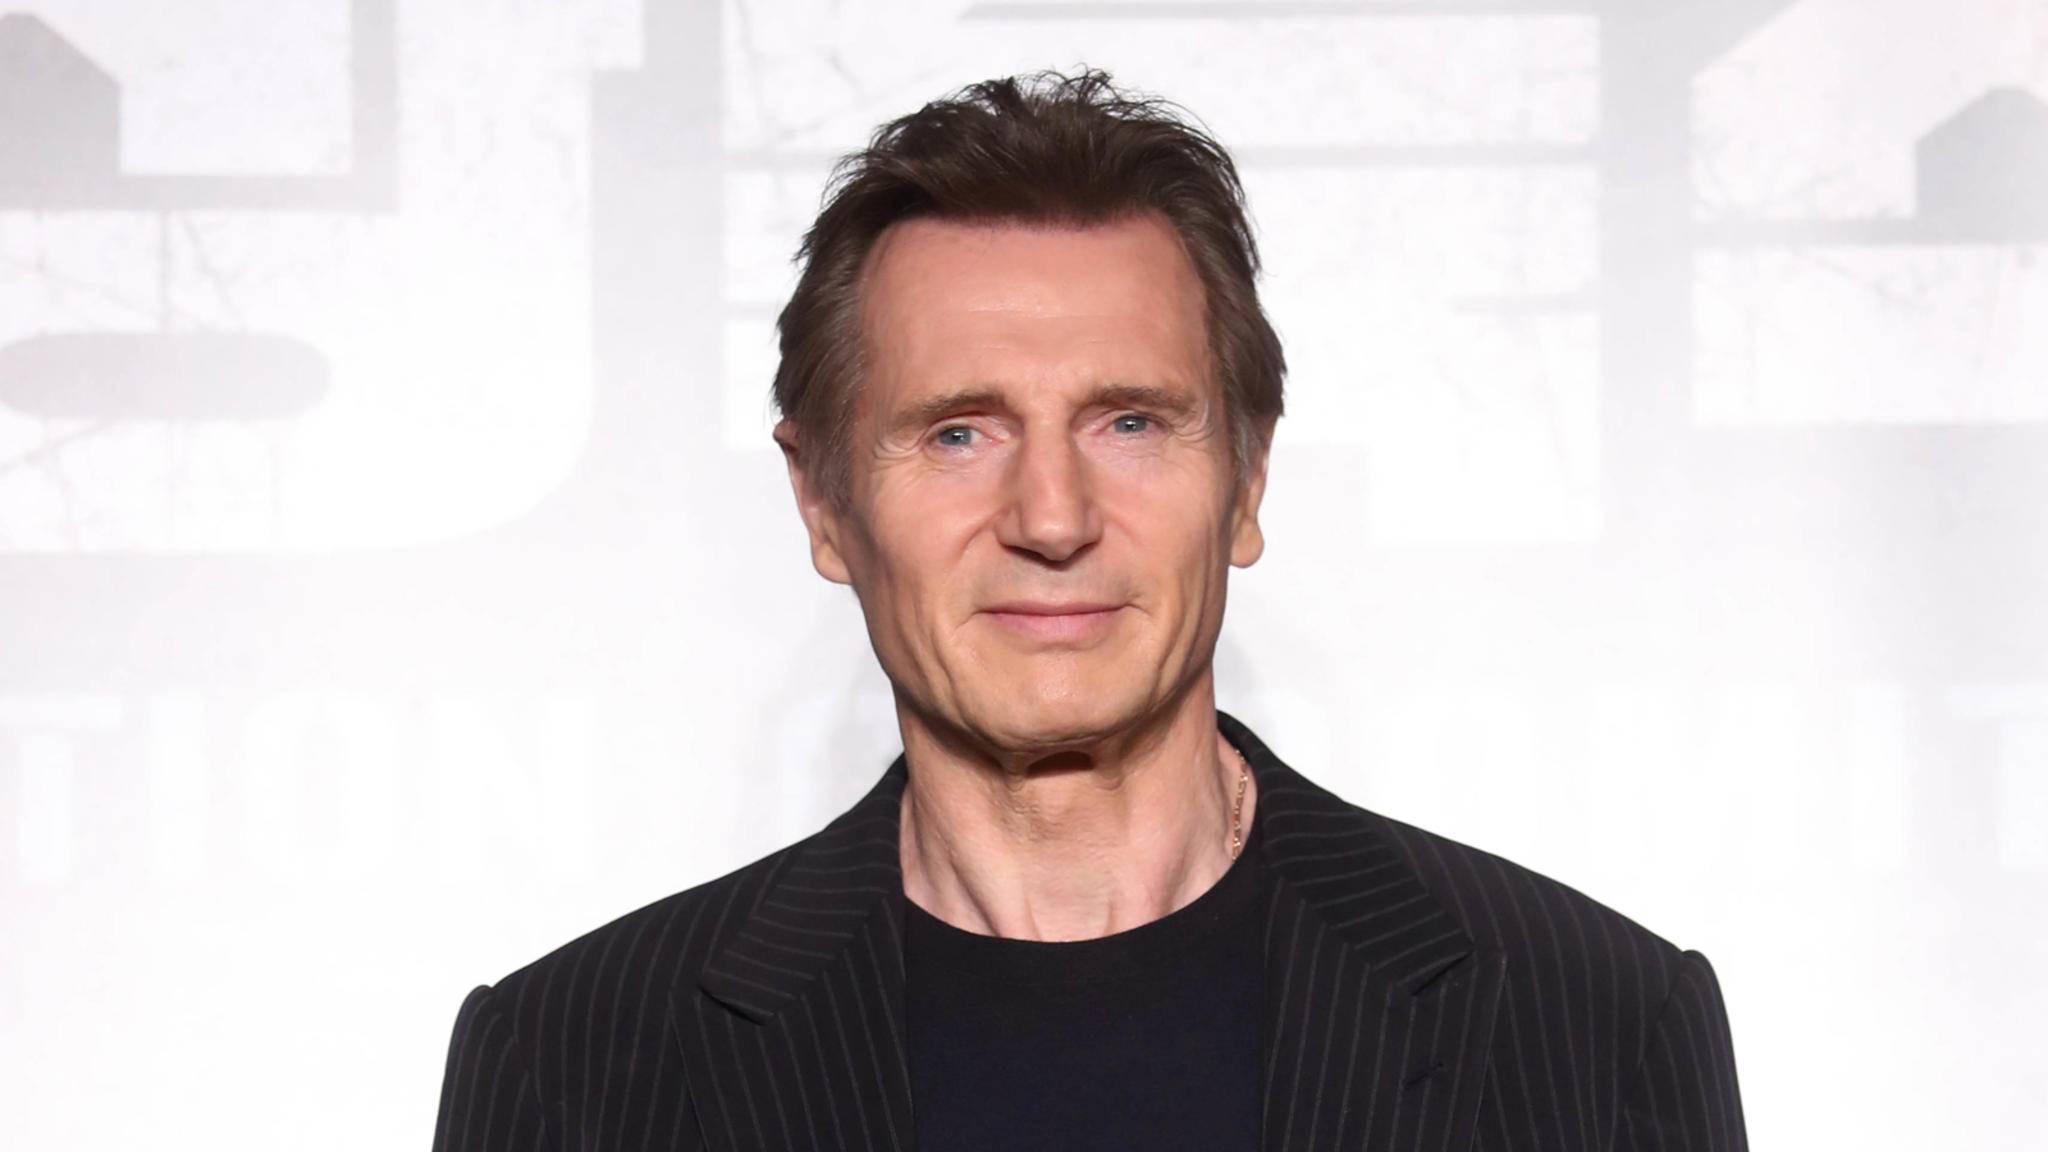 Den stechenden Blick des Geheimagenten hat er drauf, doch Liam Neeson schlugdas 007-Angebot aus.